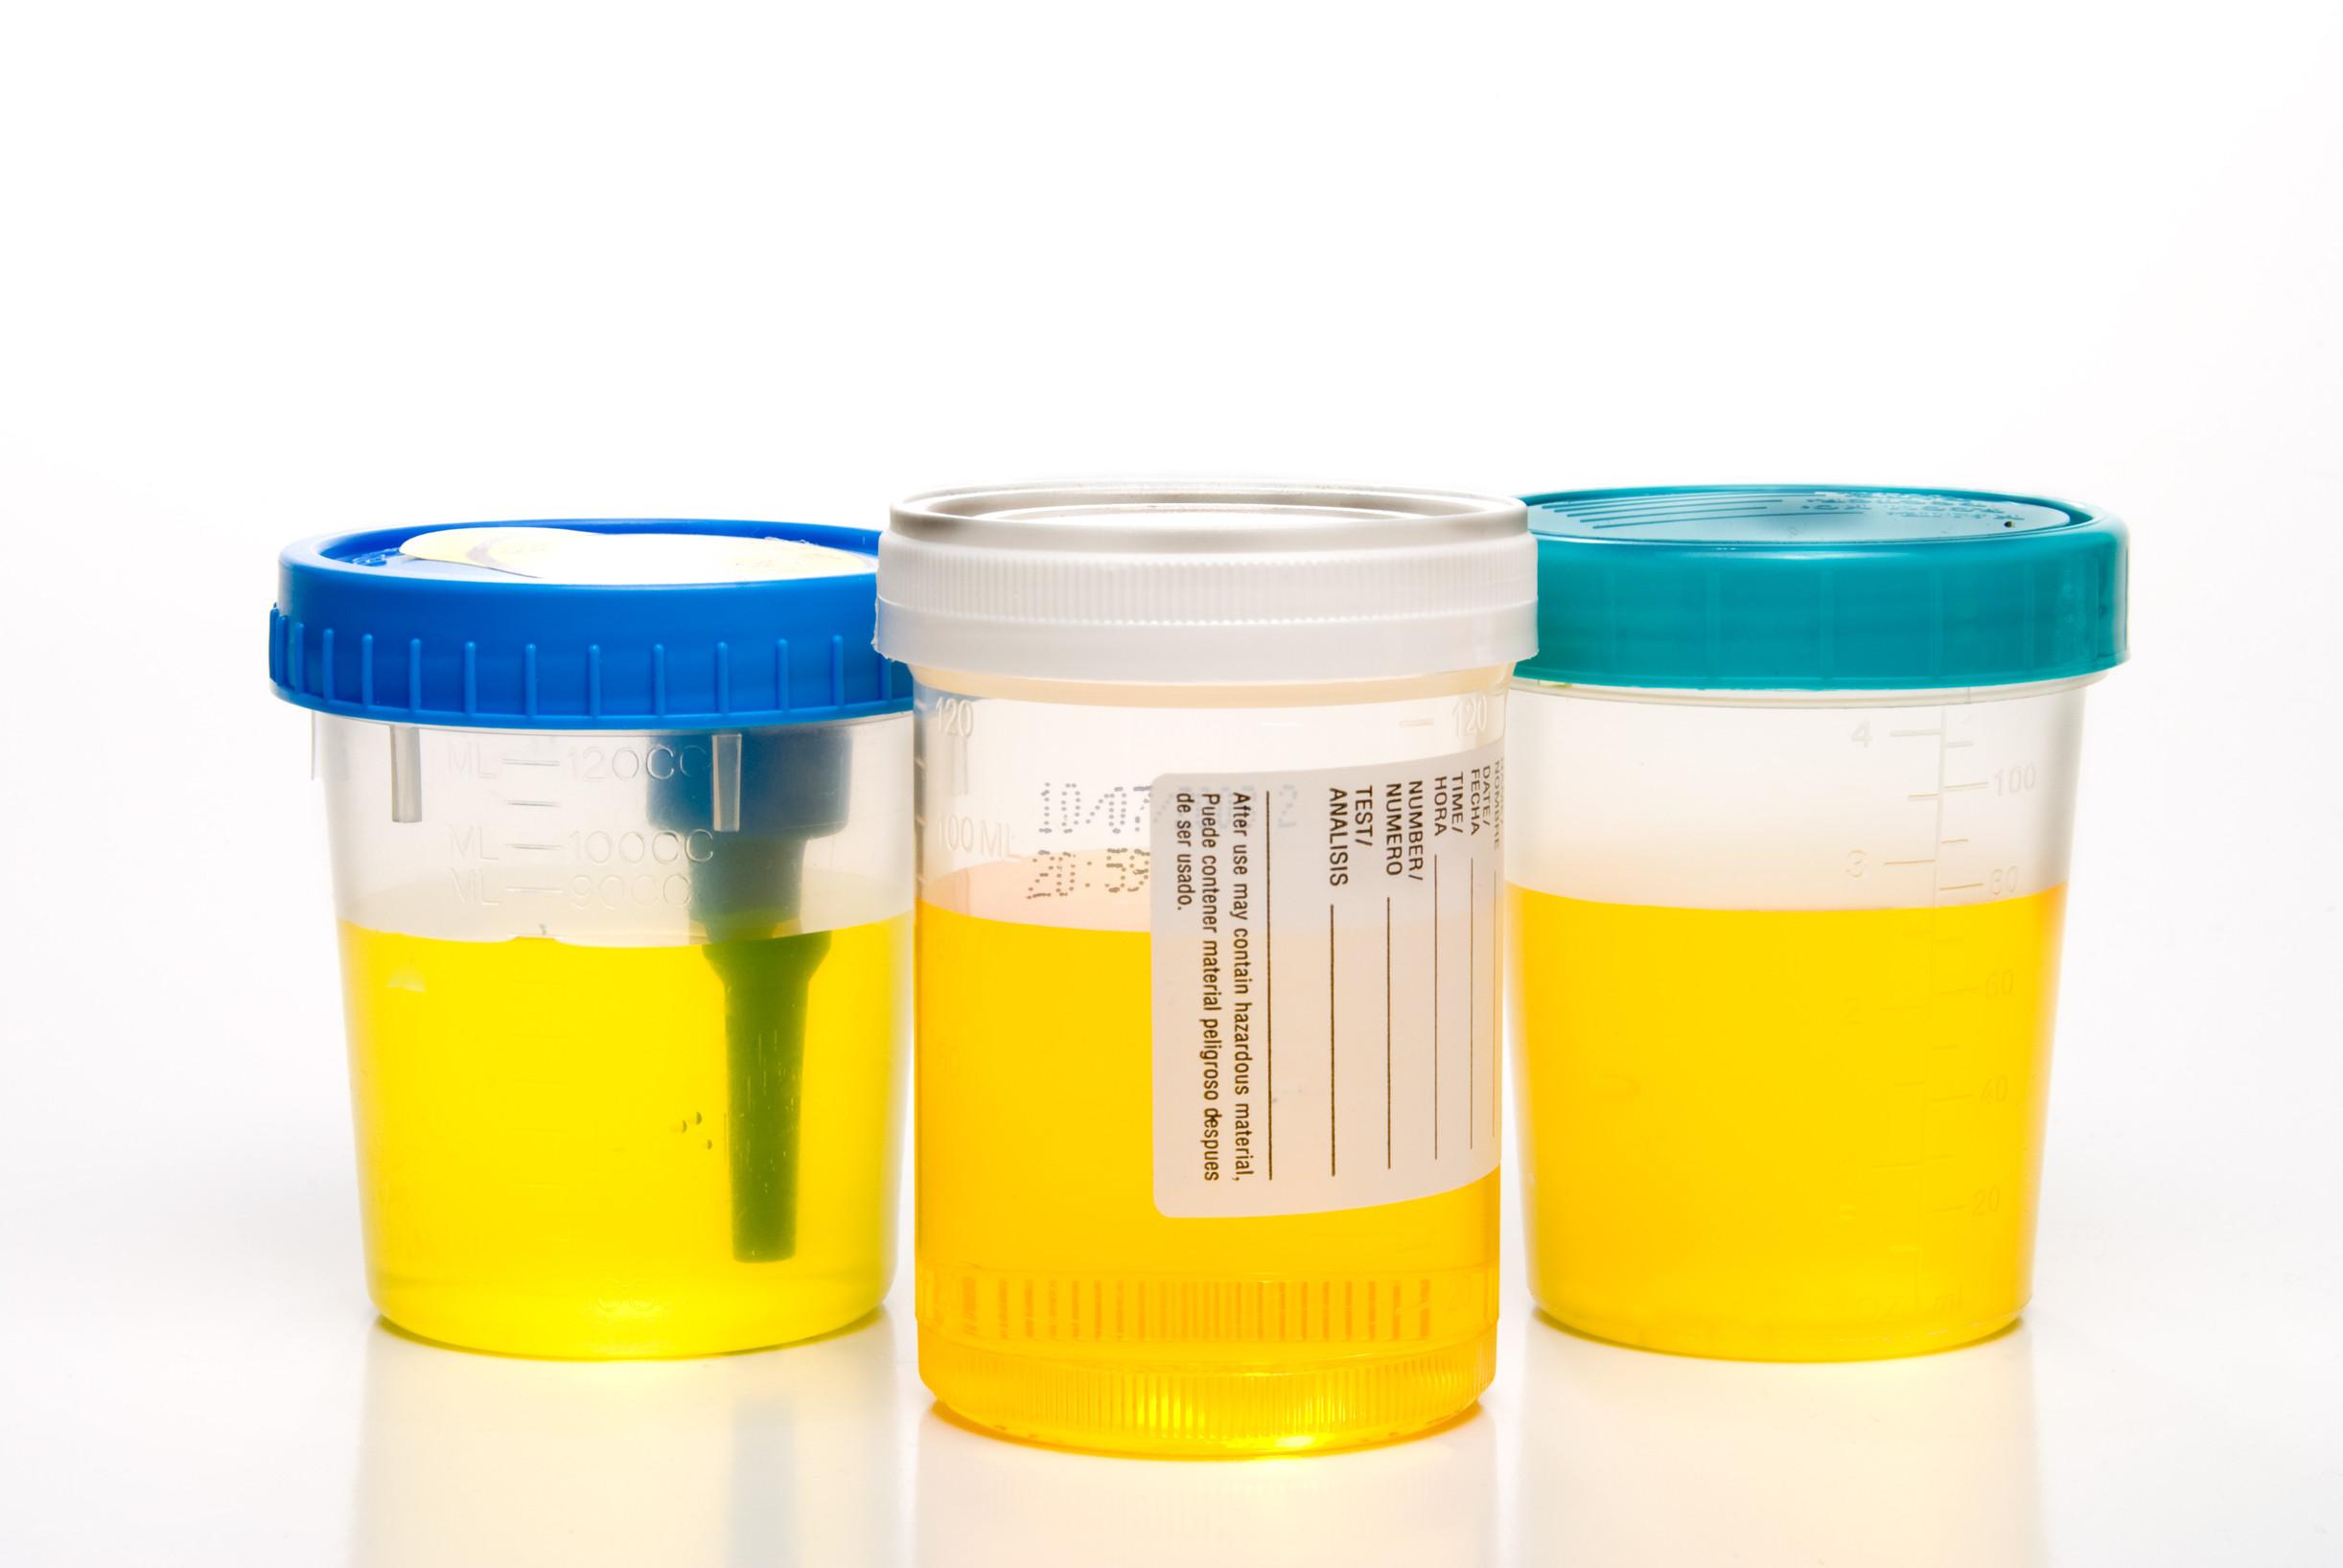 mikä antibiootti virtsatietulehdukseen